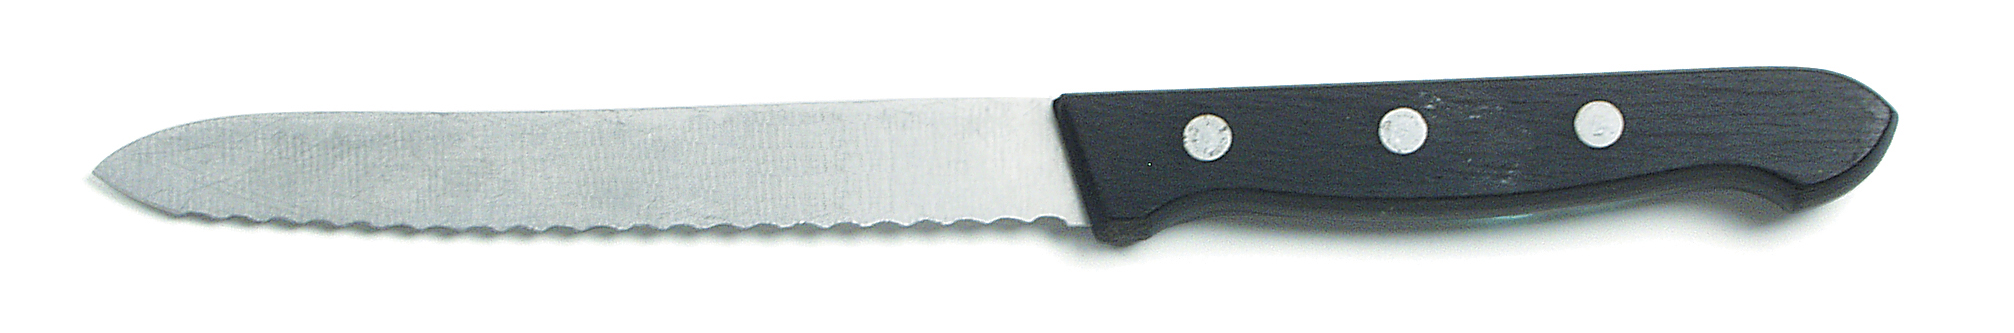 Barkniv 15 cm, MV-stål